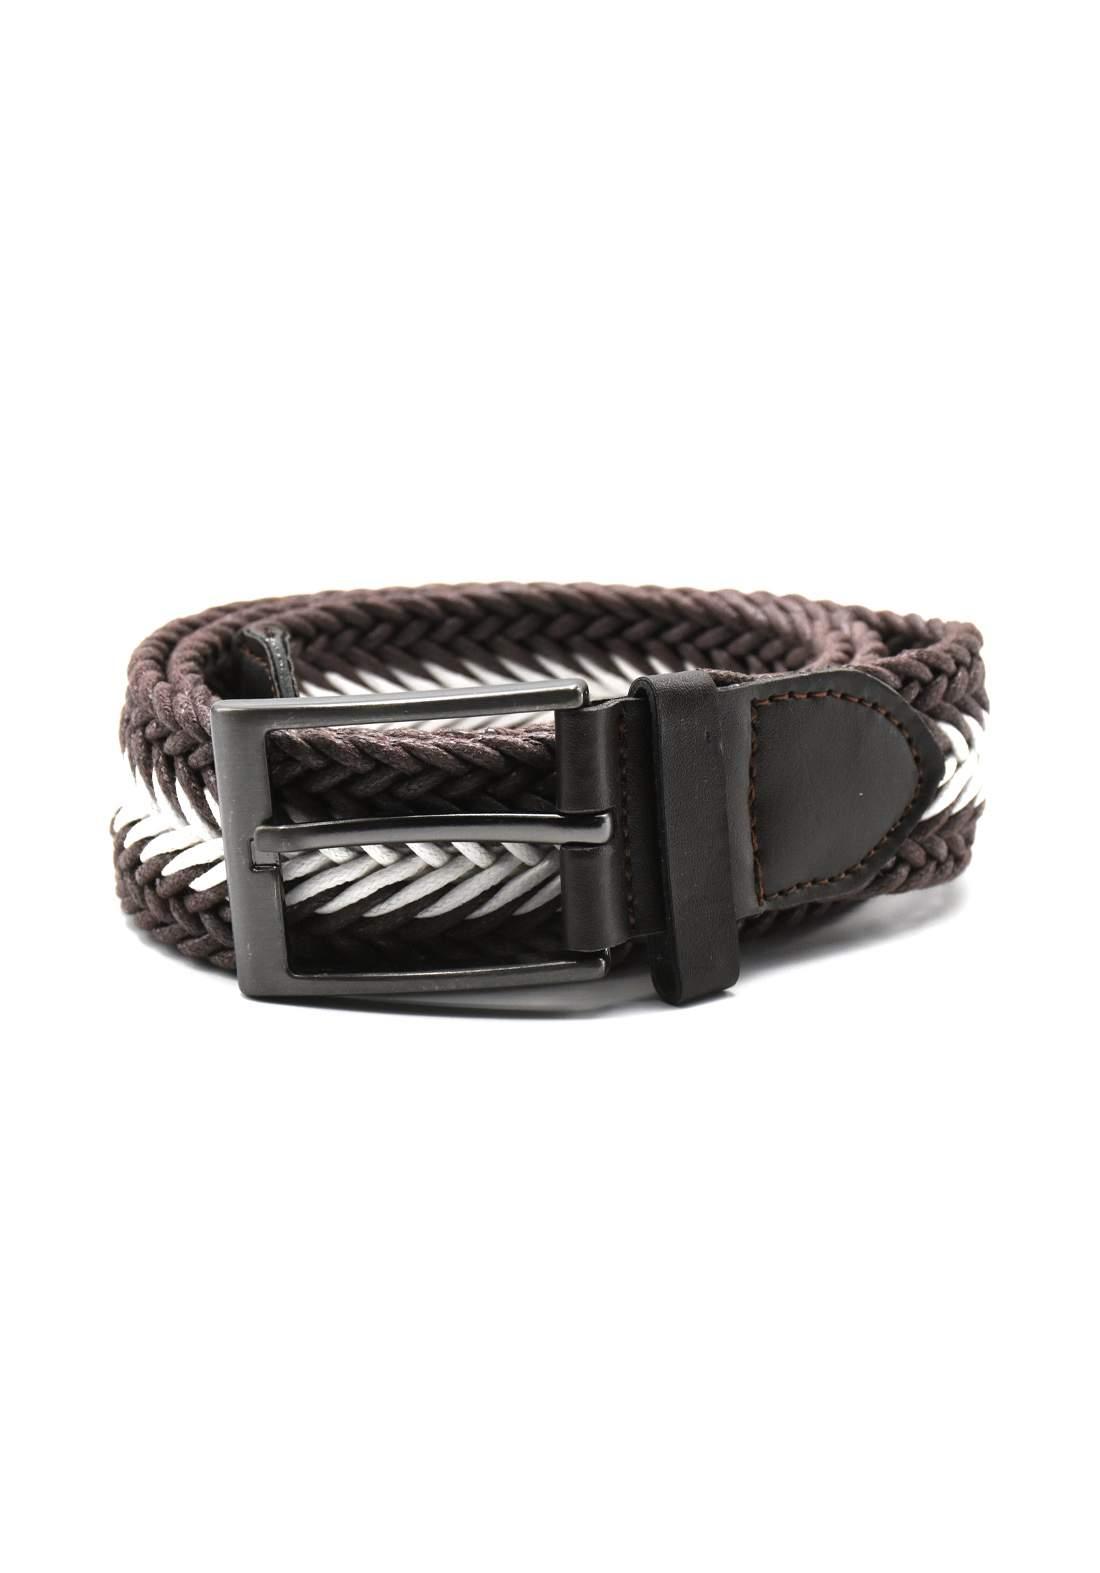 حزام نسائي بني اللون بأبزيم فضي 116 سم